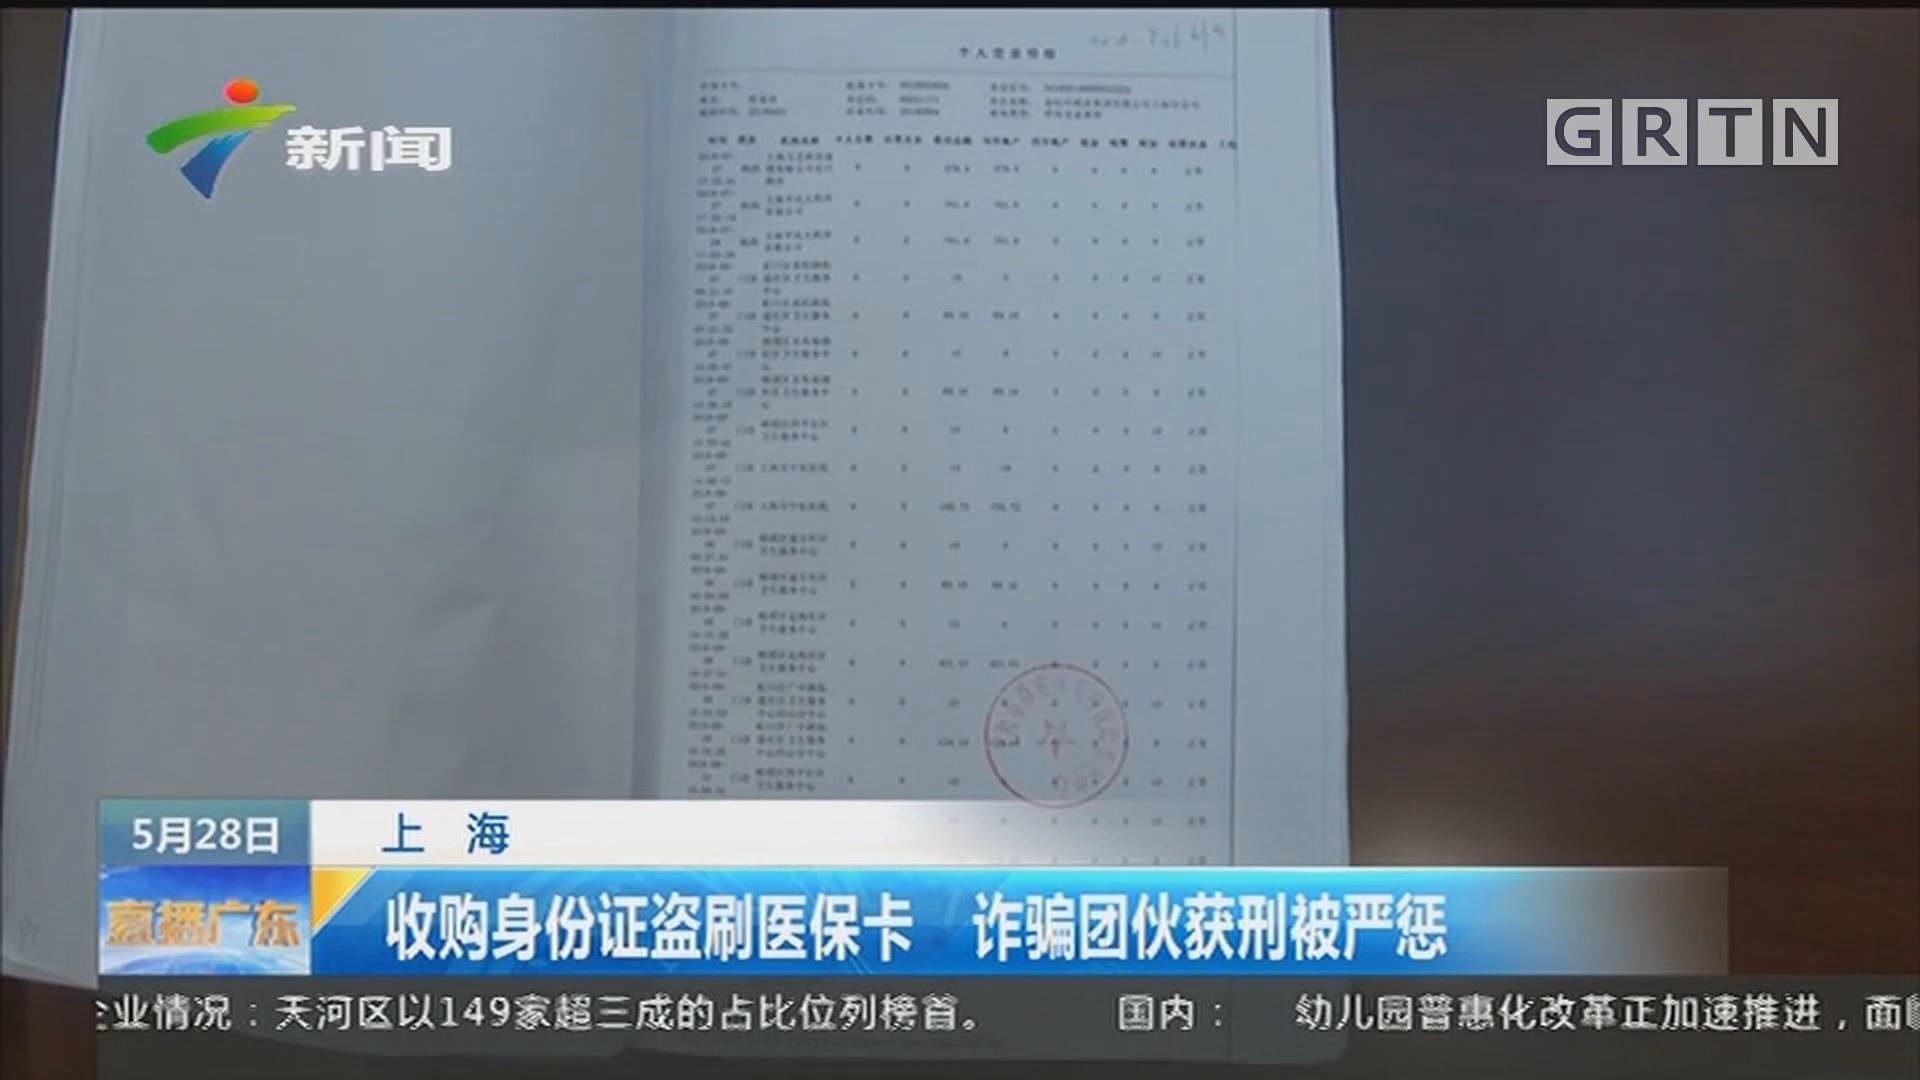 上海:收购身份证盗刷医保卡 诈骗团伙获刑被严惩